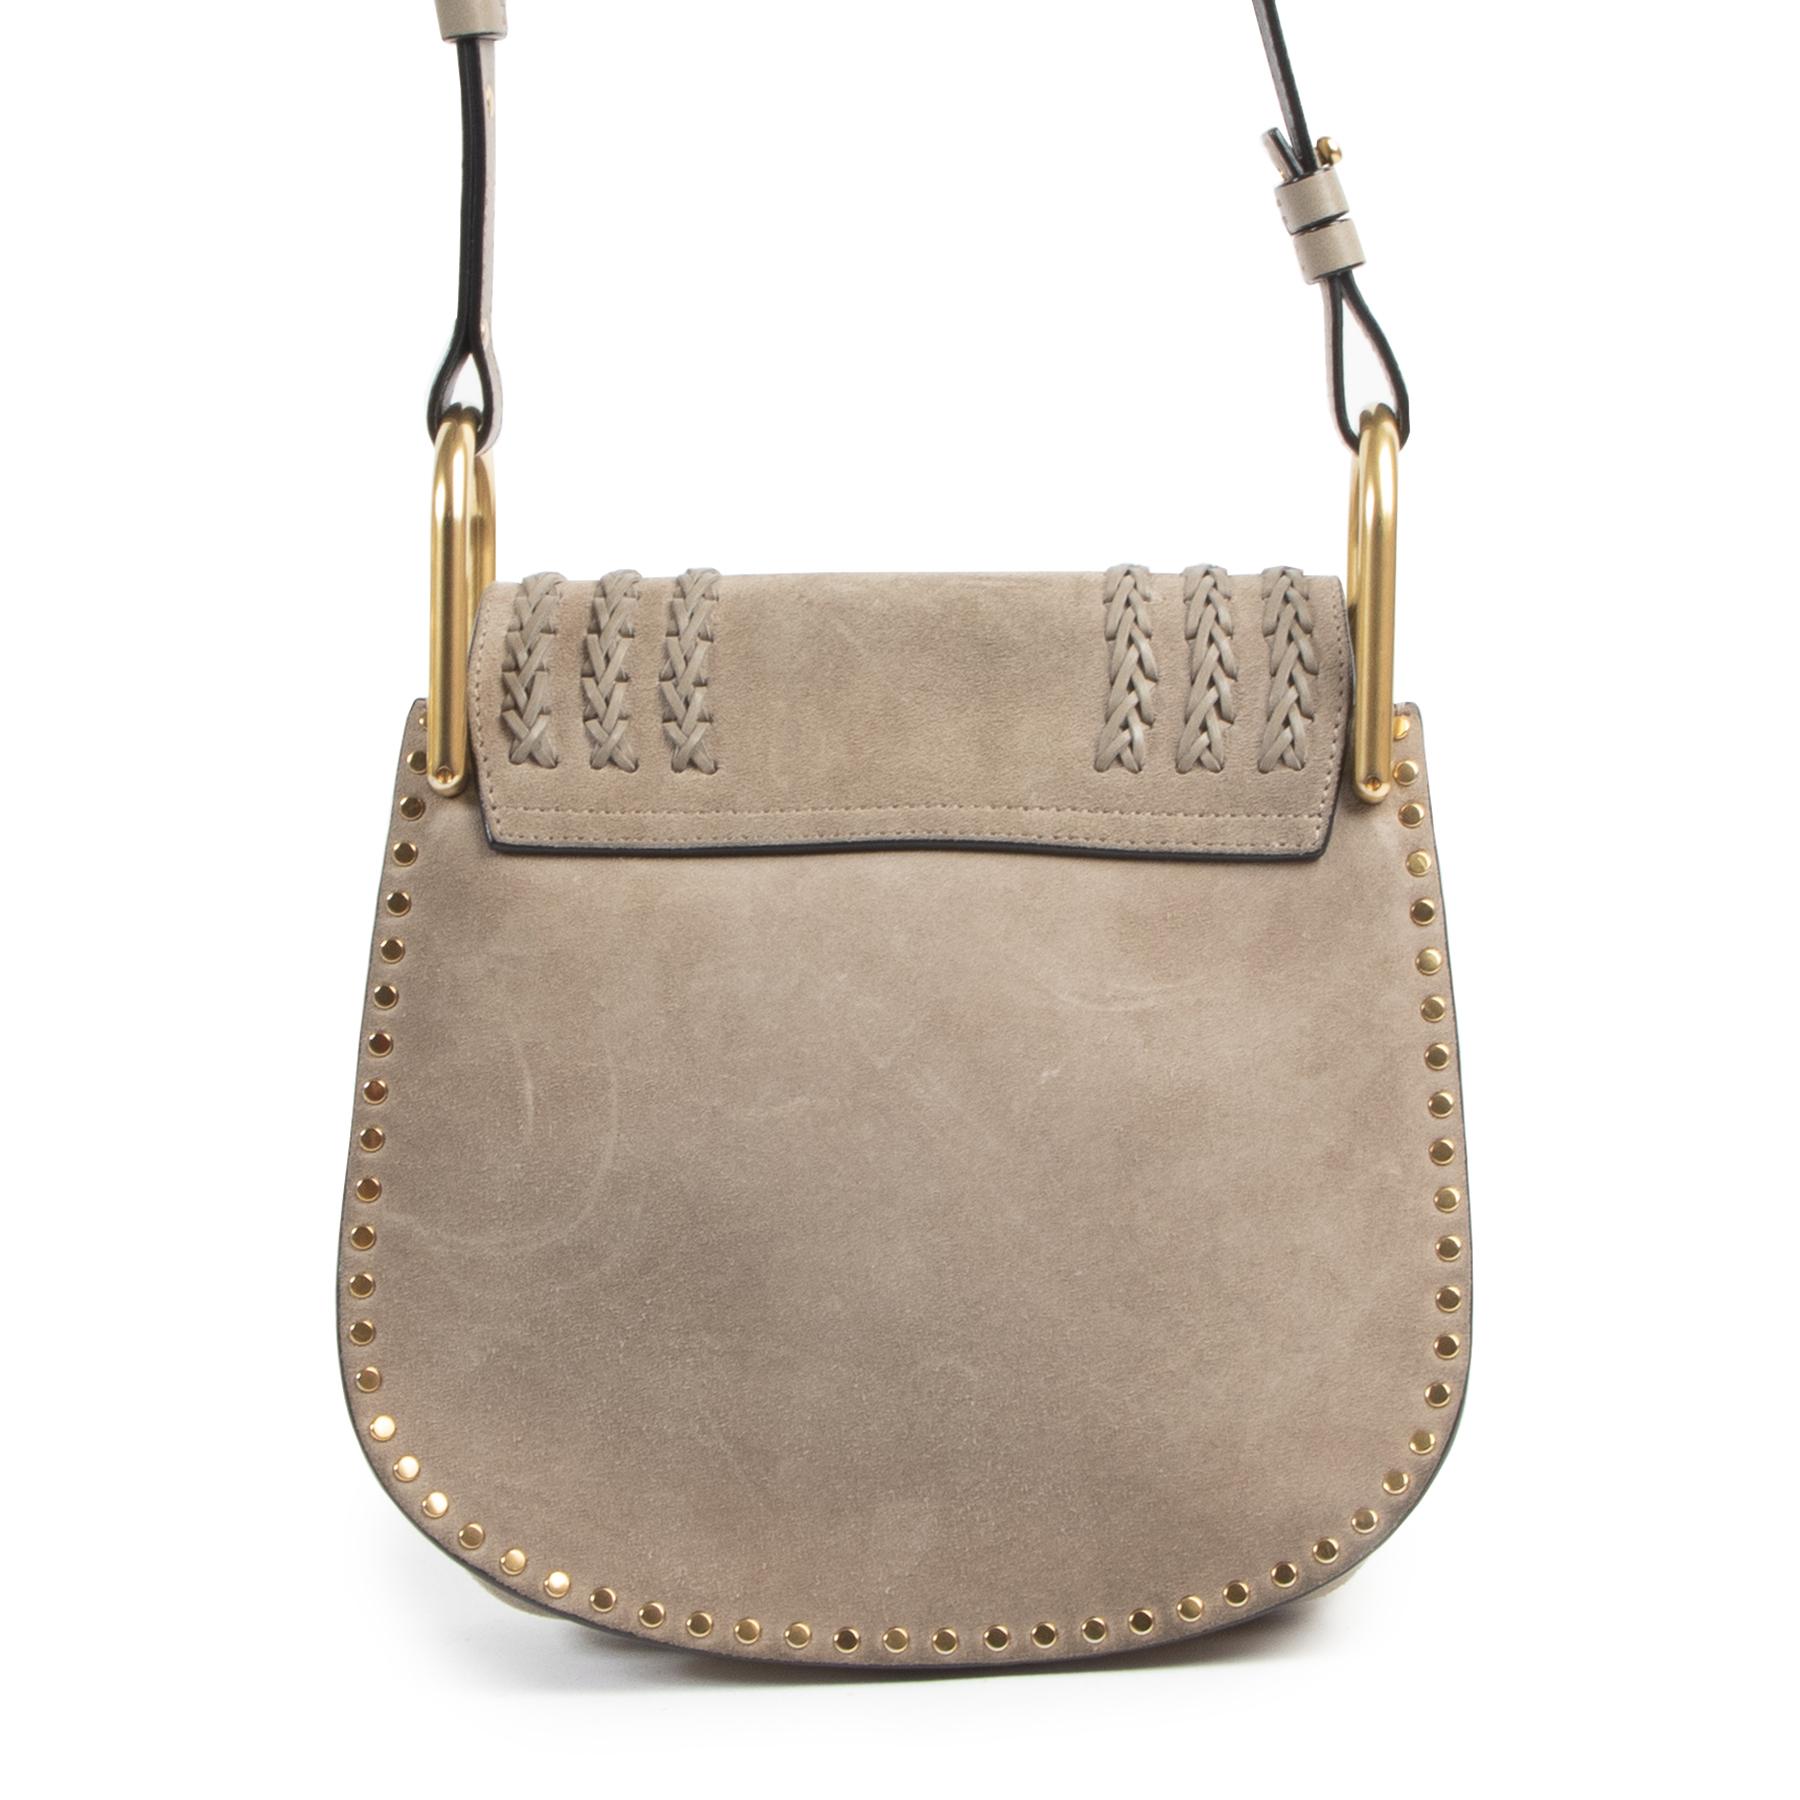 Authentieke Tweedehands Chloé Grey Suede Hudson Small Crossbody Bag juiste prijs veilig online shoppen luxe merken webshop winkelen Antwerpen België mode fashion